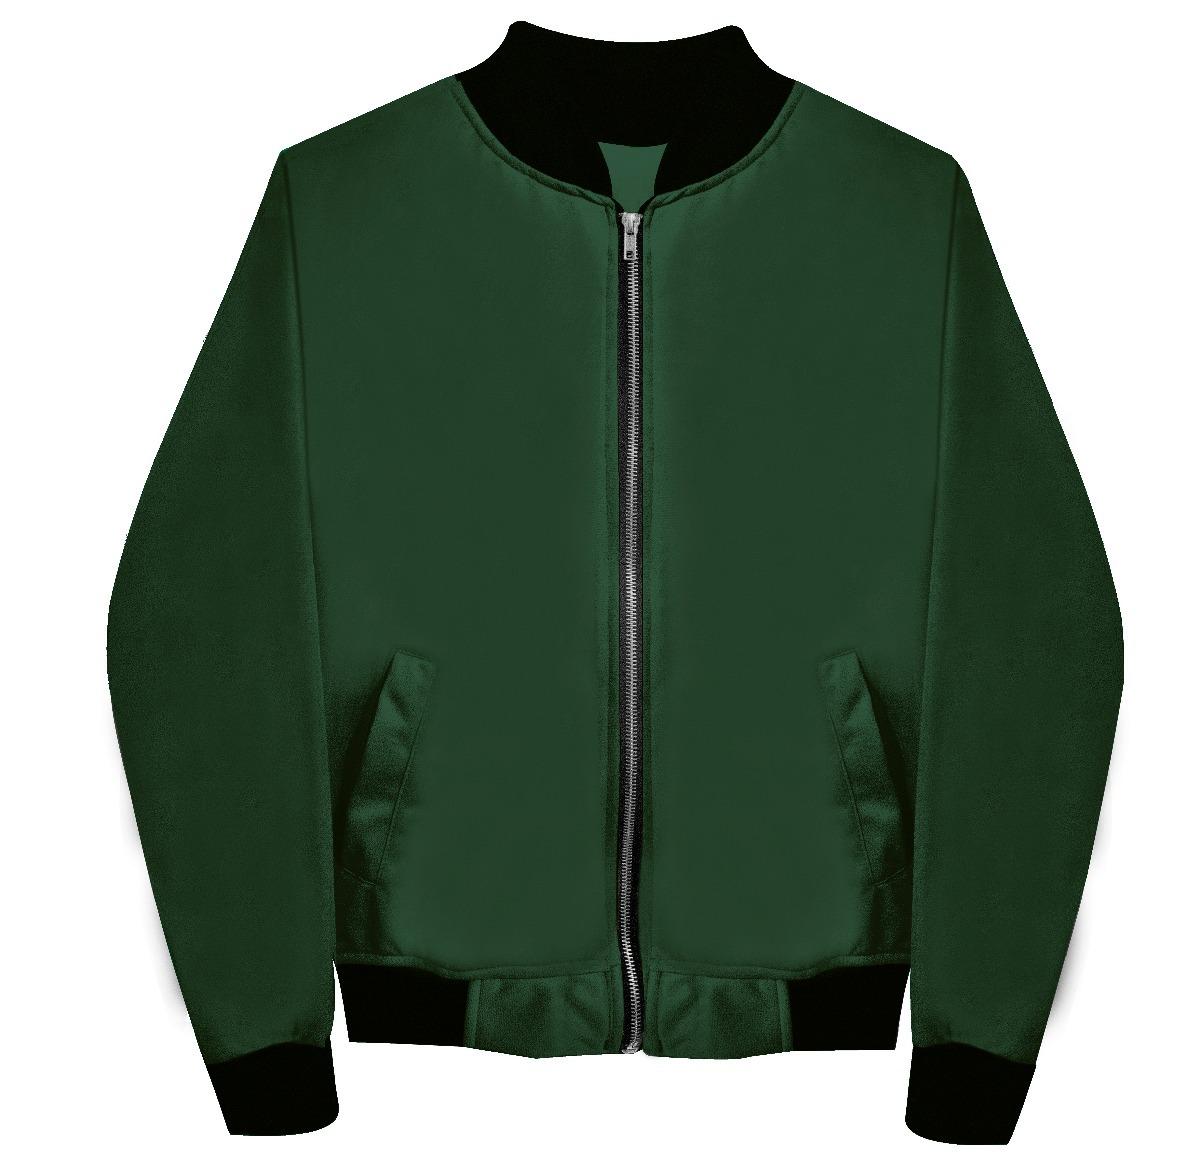 sitio autorizado auténtico famosa marca de diseñador Lote 12 Chamarras Bomber Jacket Verde Militar Envío Gratis